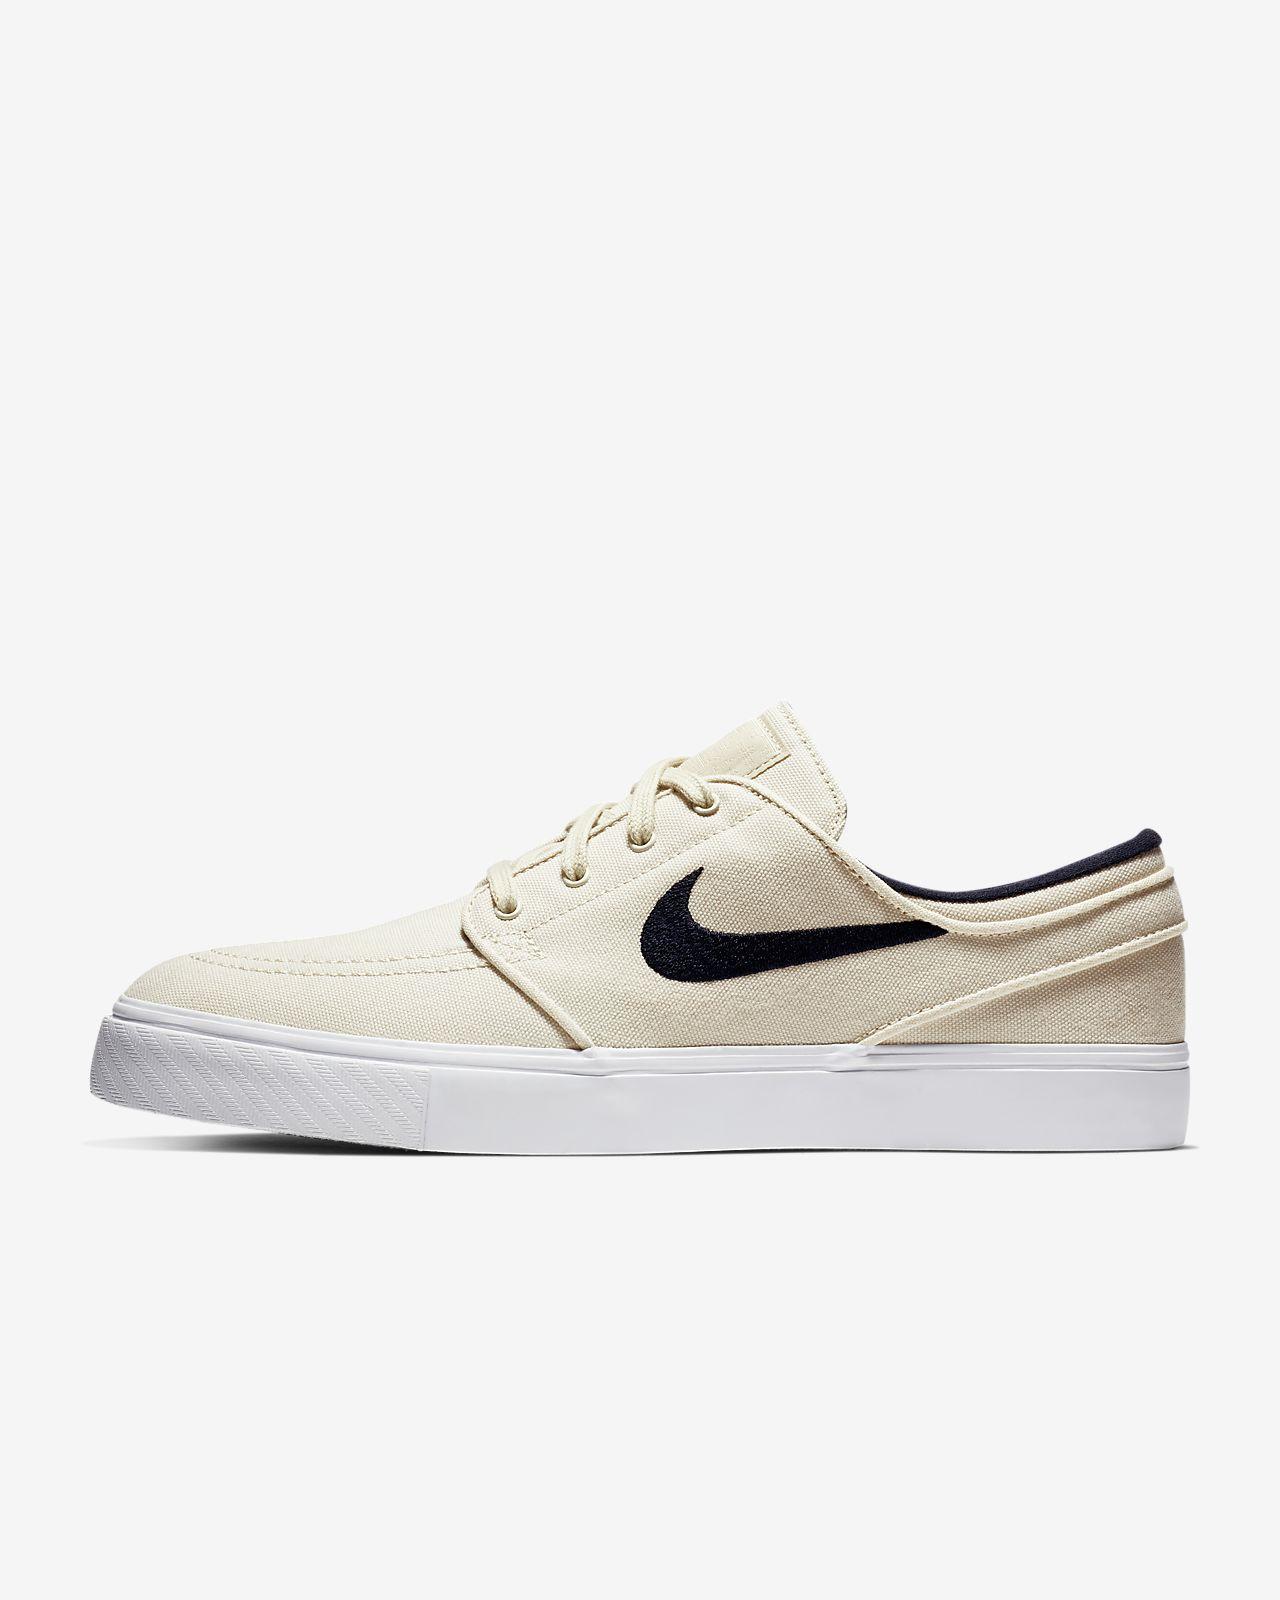 Pánská skateboardová bota Nike SB Zoom Stefan Janoski Canvas